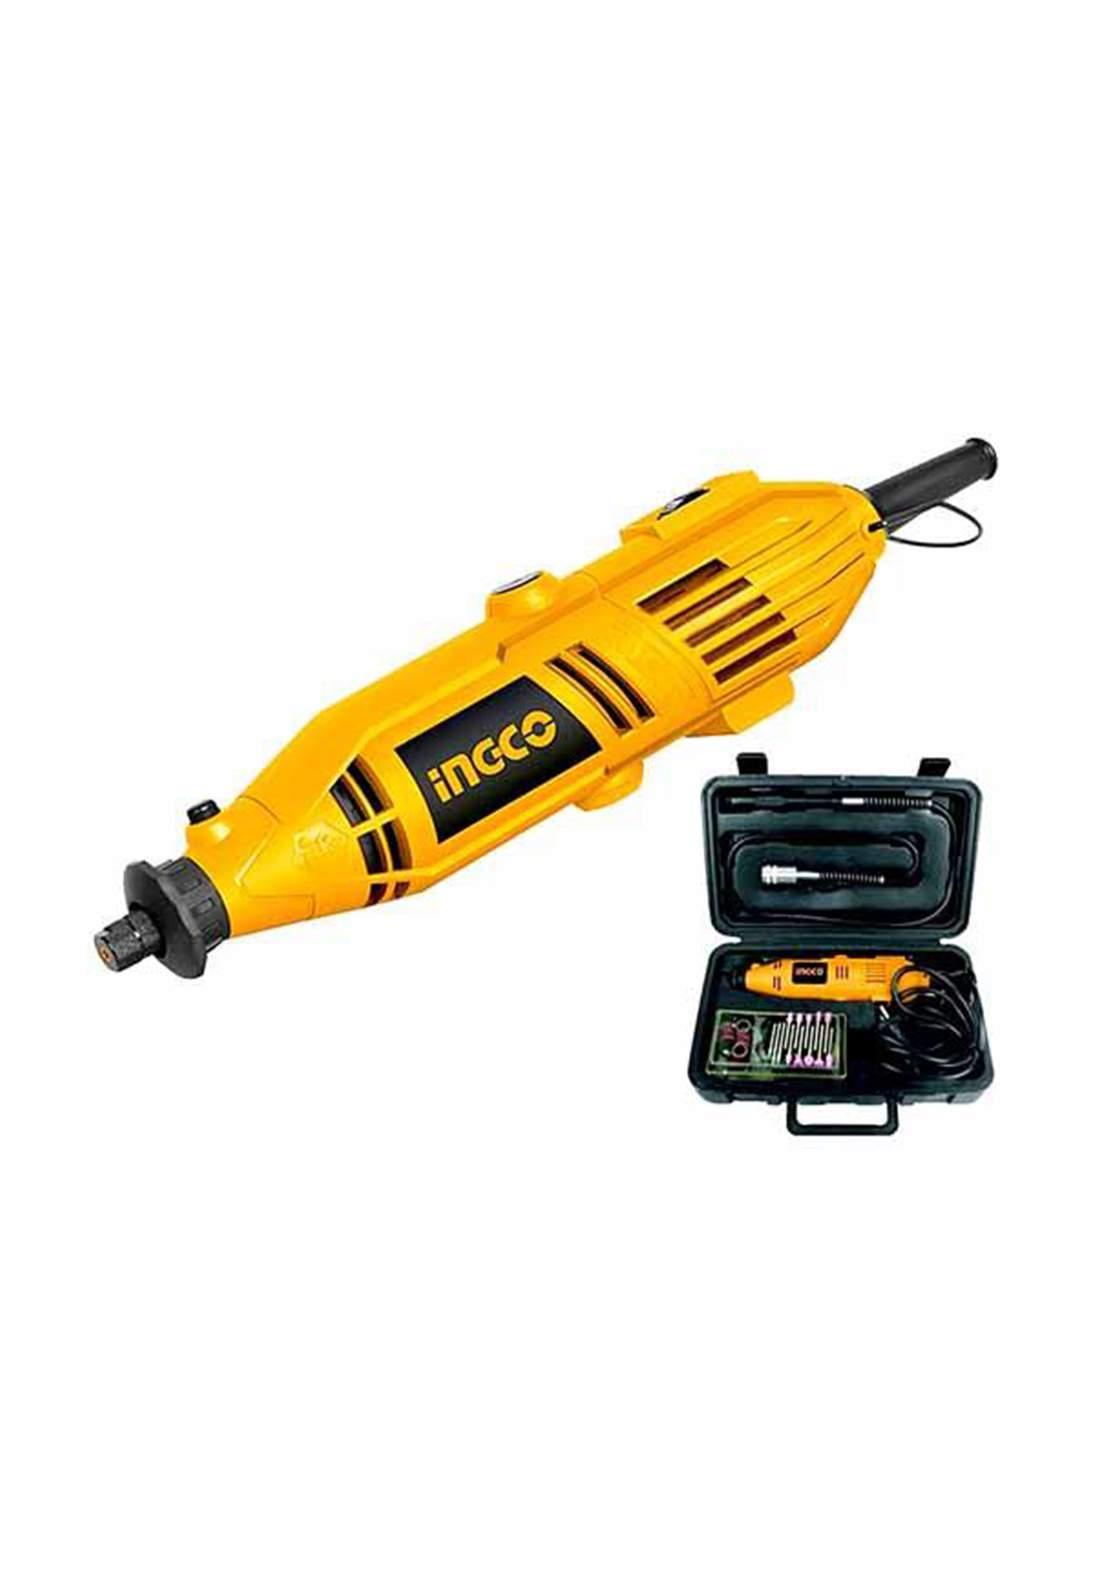 Ingco Mg1308 Mini Drill Kit  فرطونة 130 واط